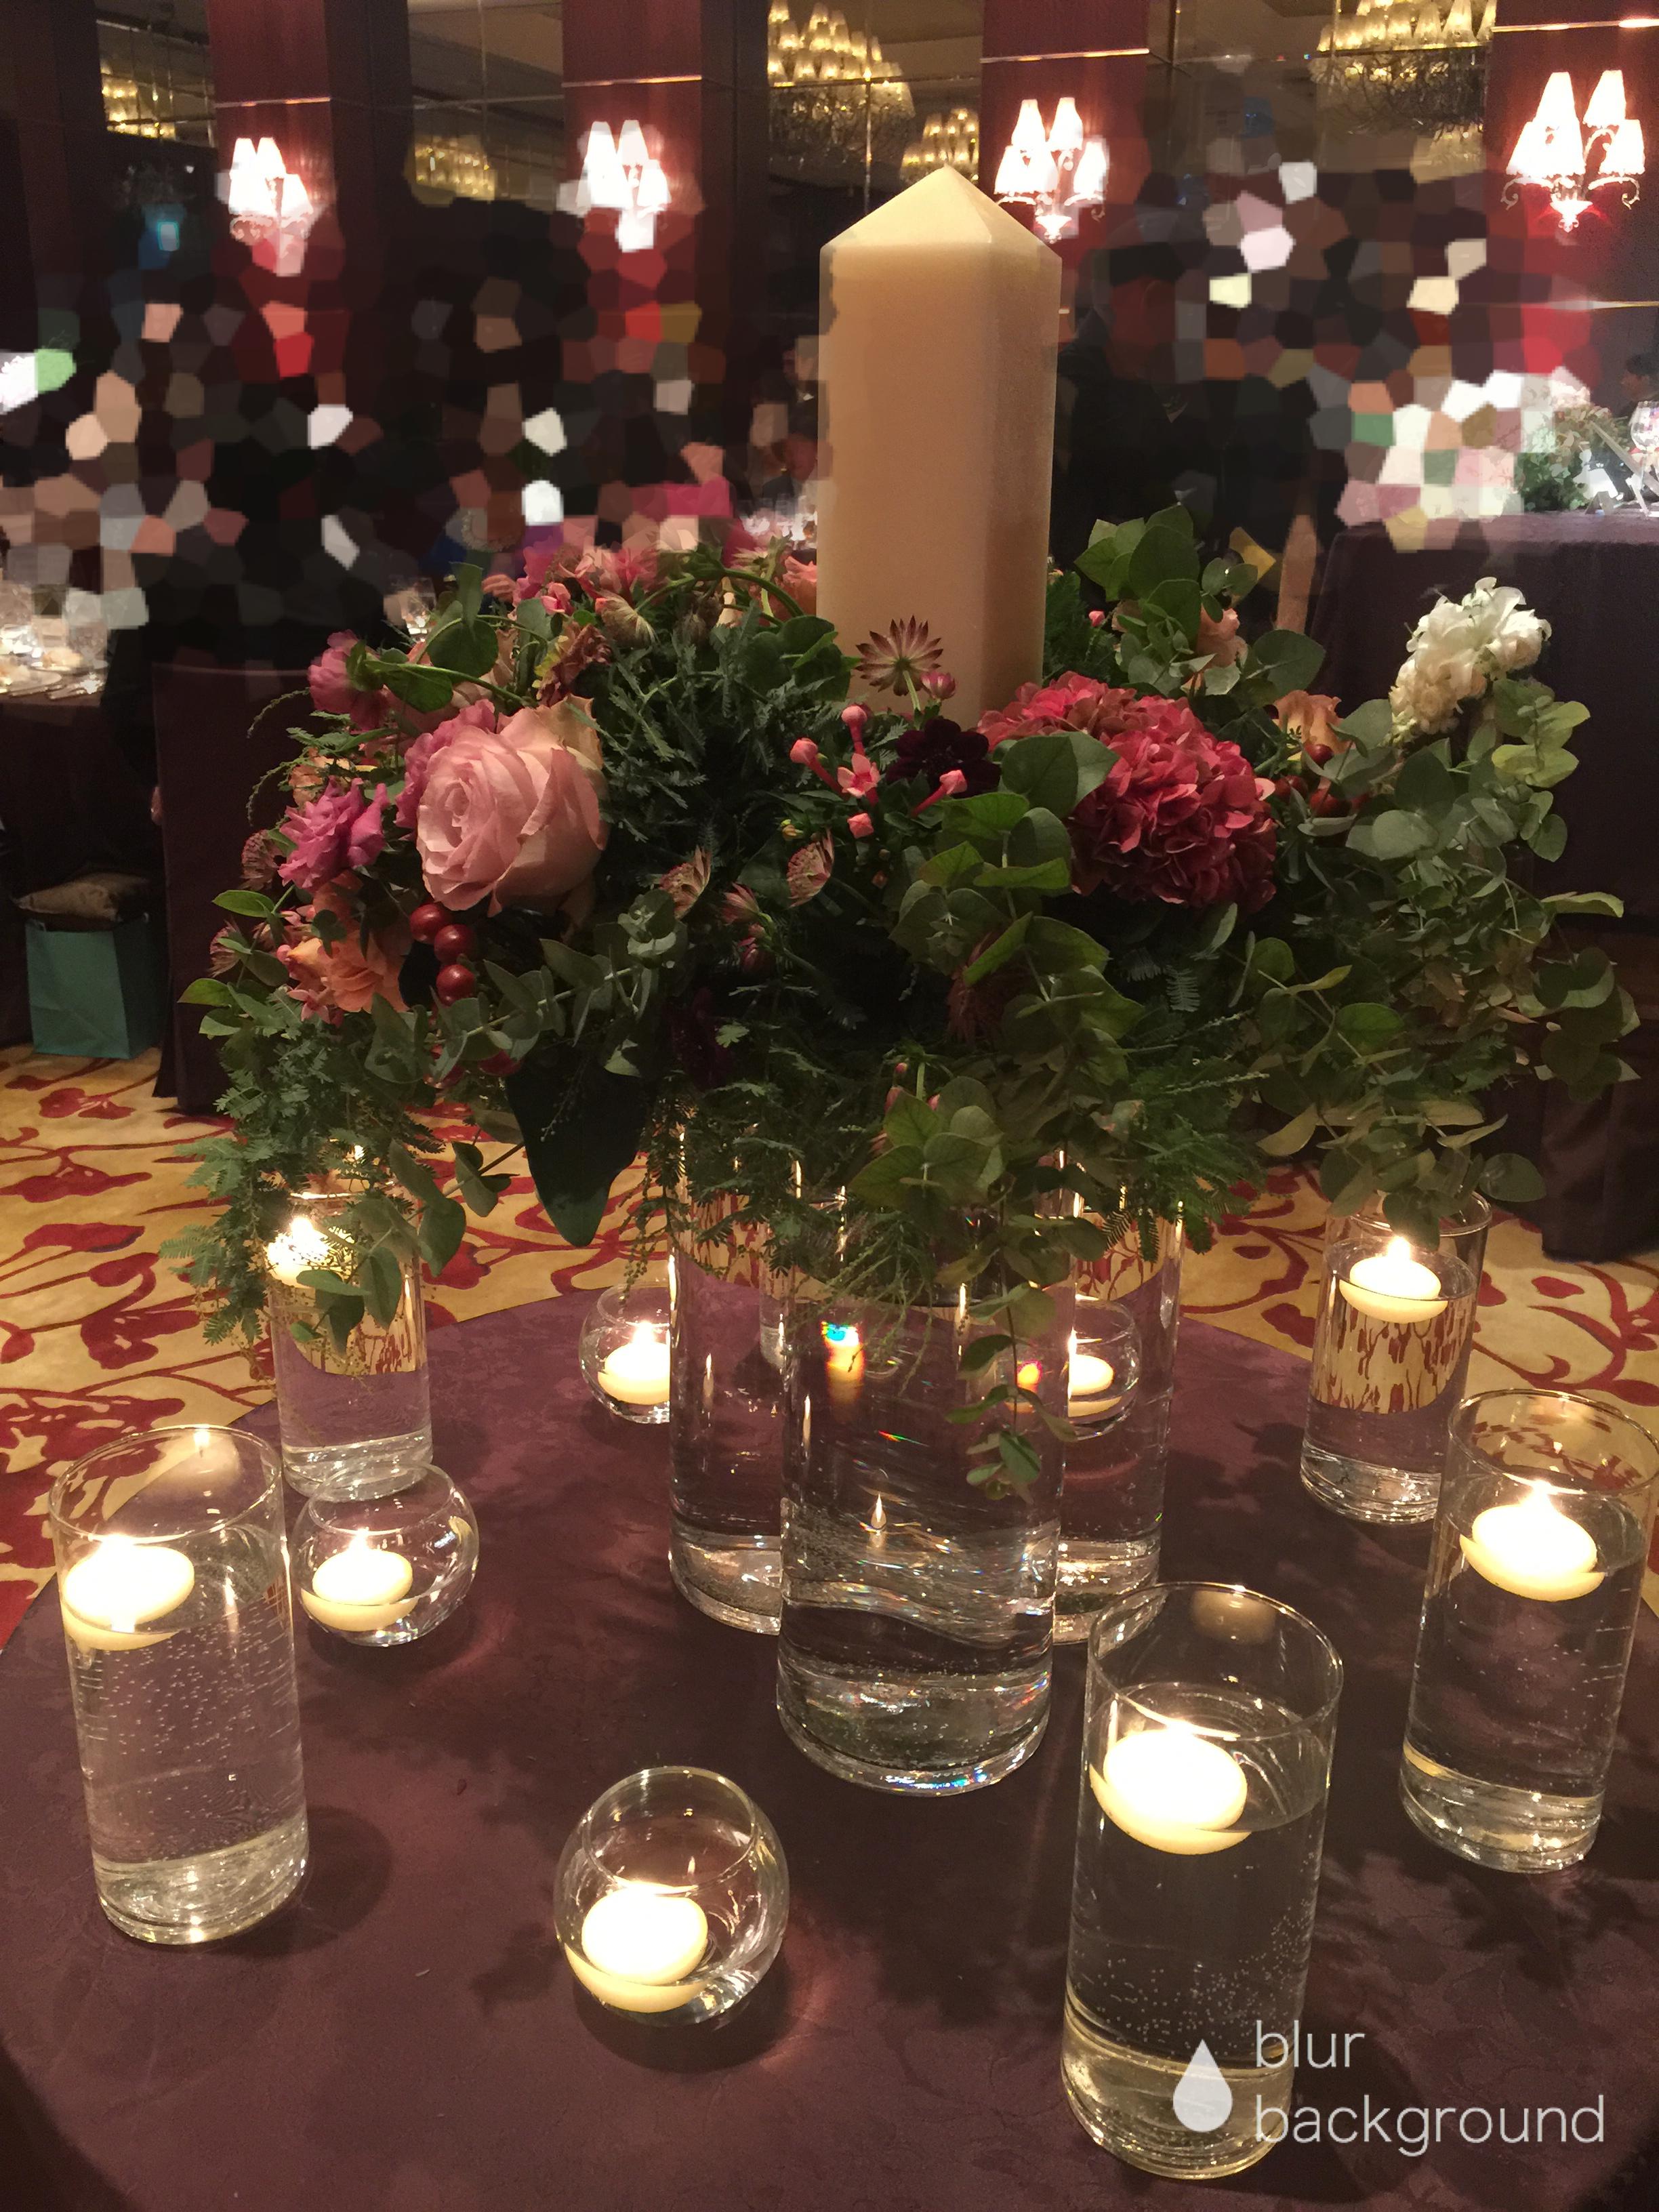 シャングリラホテル東京での挙式披露宴を徹底リポート2017年冬